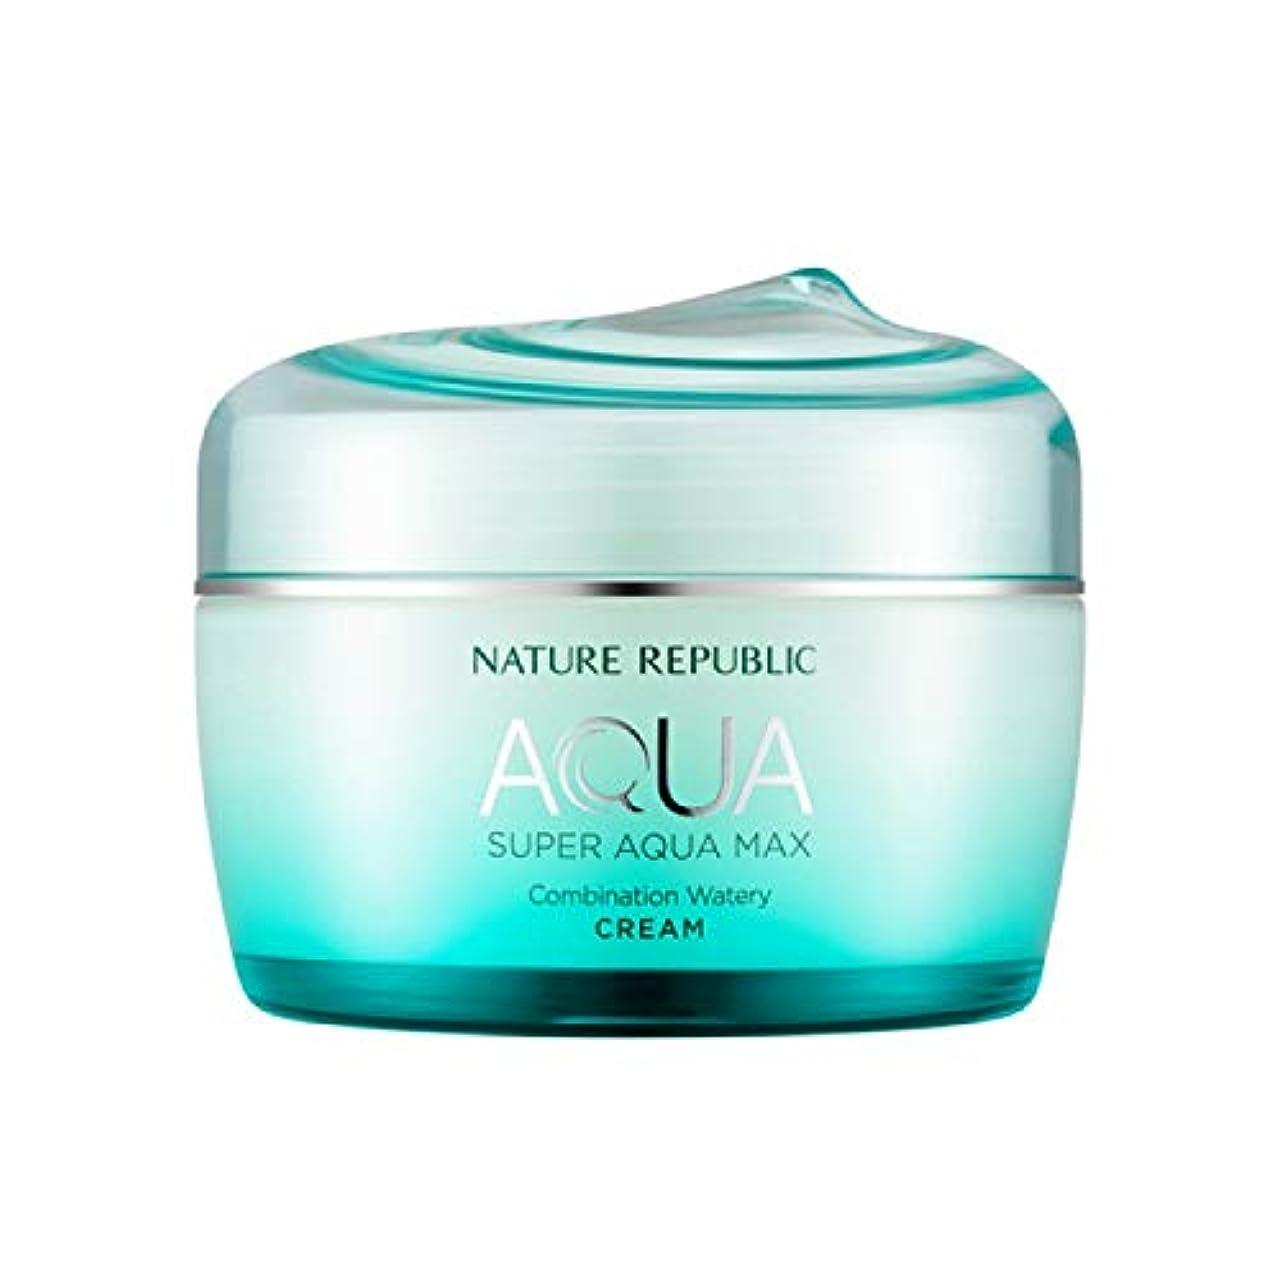 ニッケルヒープペパーミントネイチャーリパブリック(Nature Republic)スーパーアクアマックスコンビネーション水分クリーム [複合肌用] 80ml / Super Aqua-Max Combination Moisture Cream...